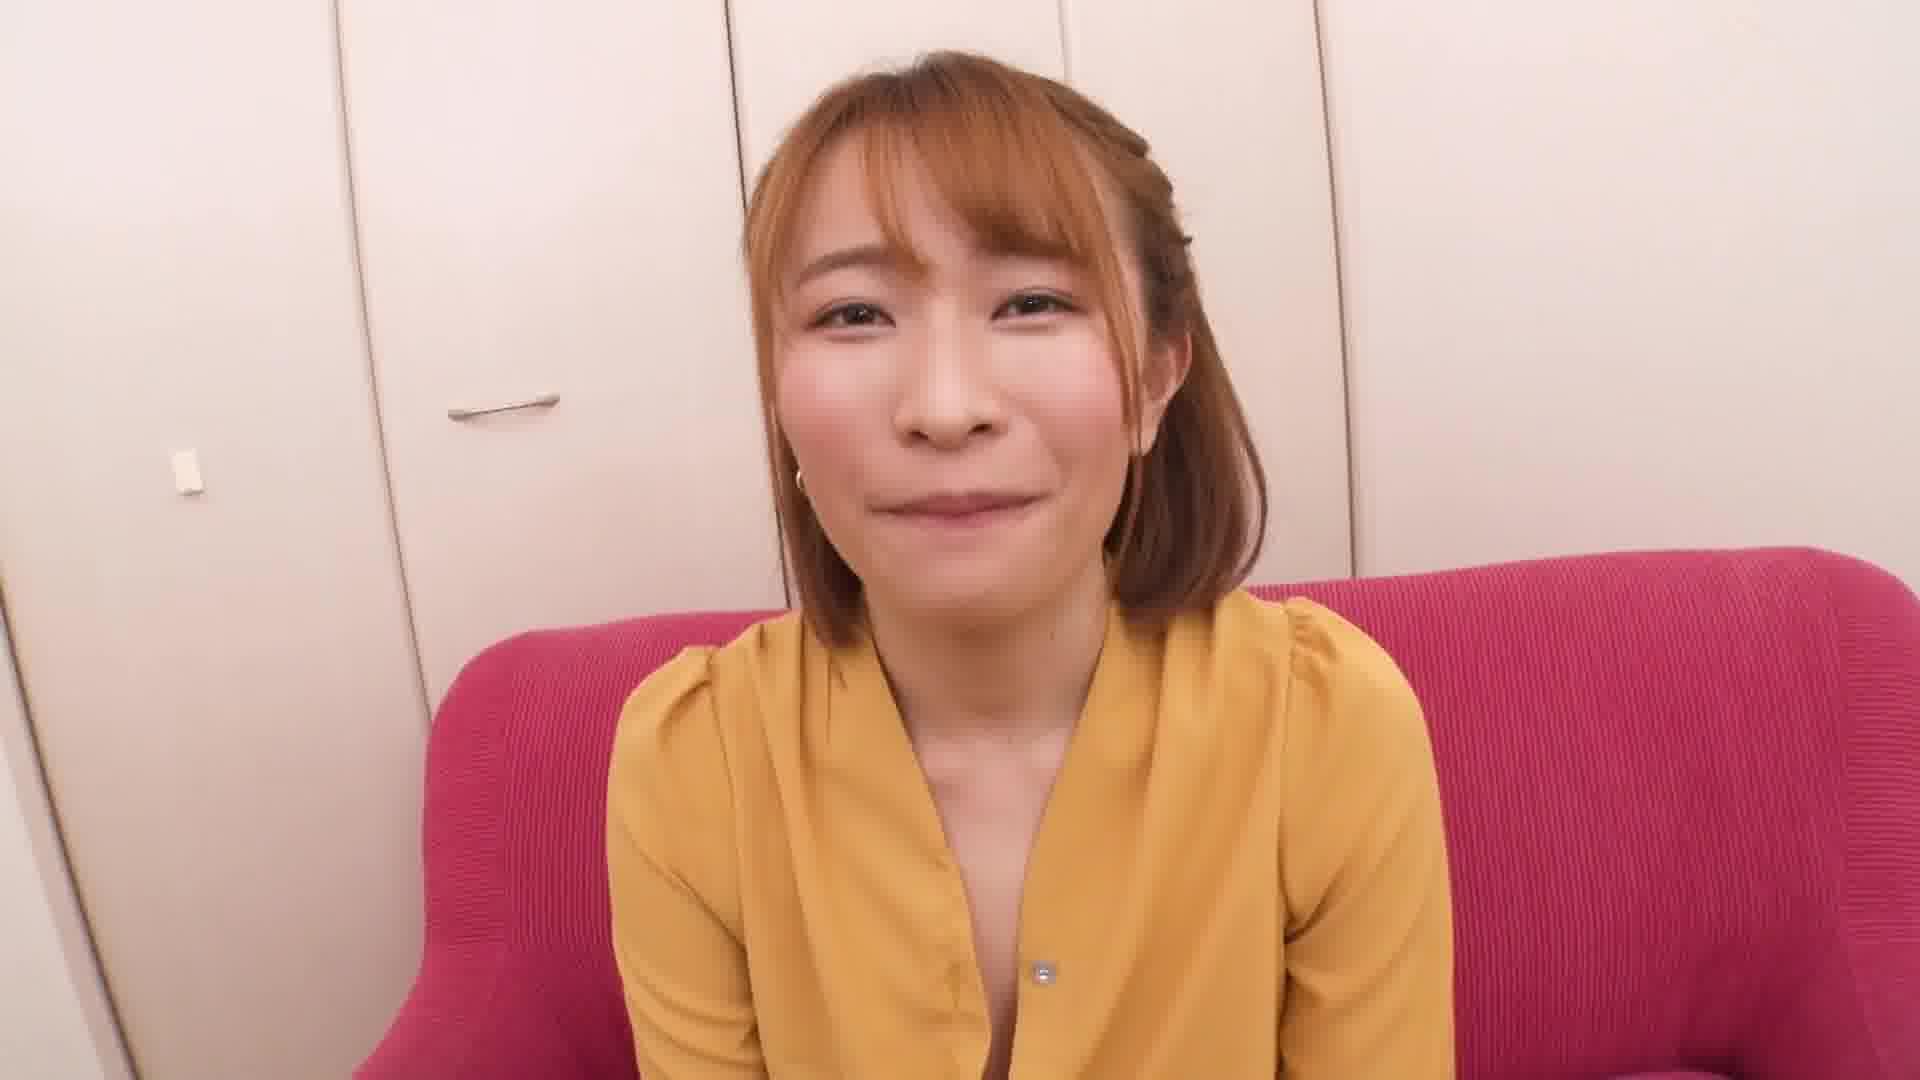 BOGA x BOGA ~森田みゆが僕のプレイを褒め称えてくれる~ - 森田みゆ【パイズリ・パイパン・中出し】